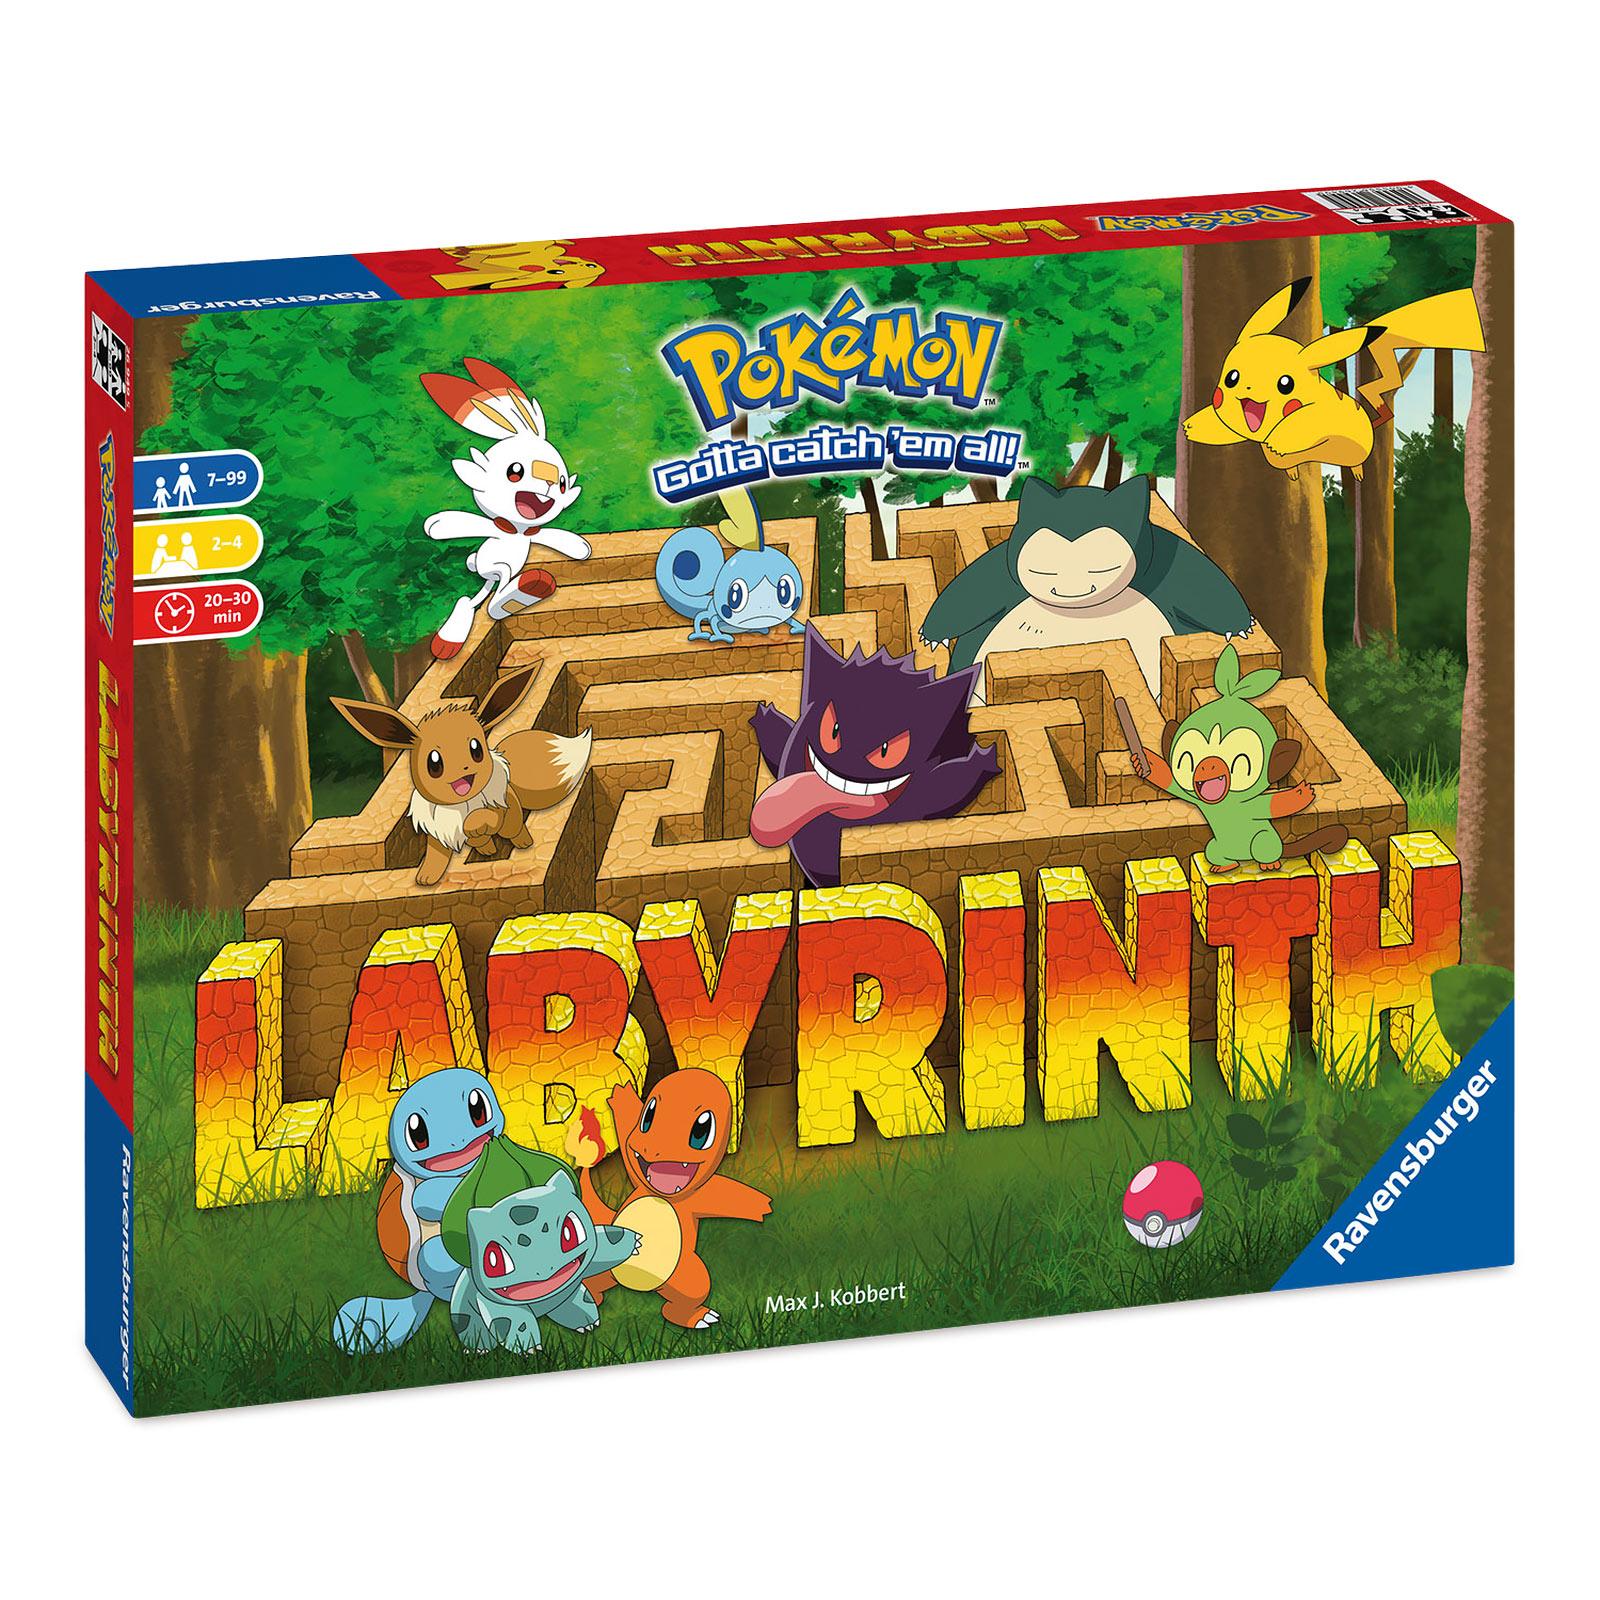 Pokemon - Das verrückte Labyrinth Brettspiel